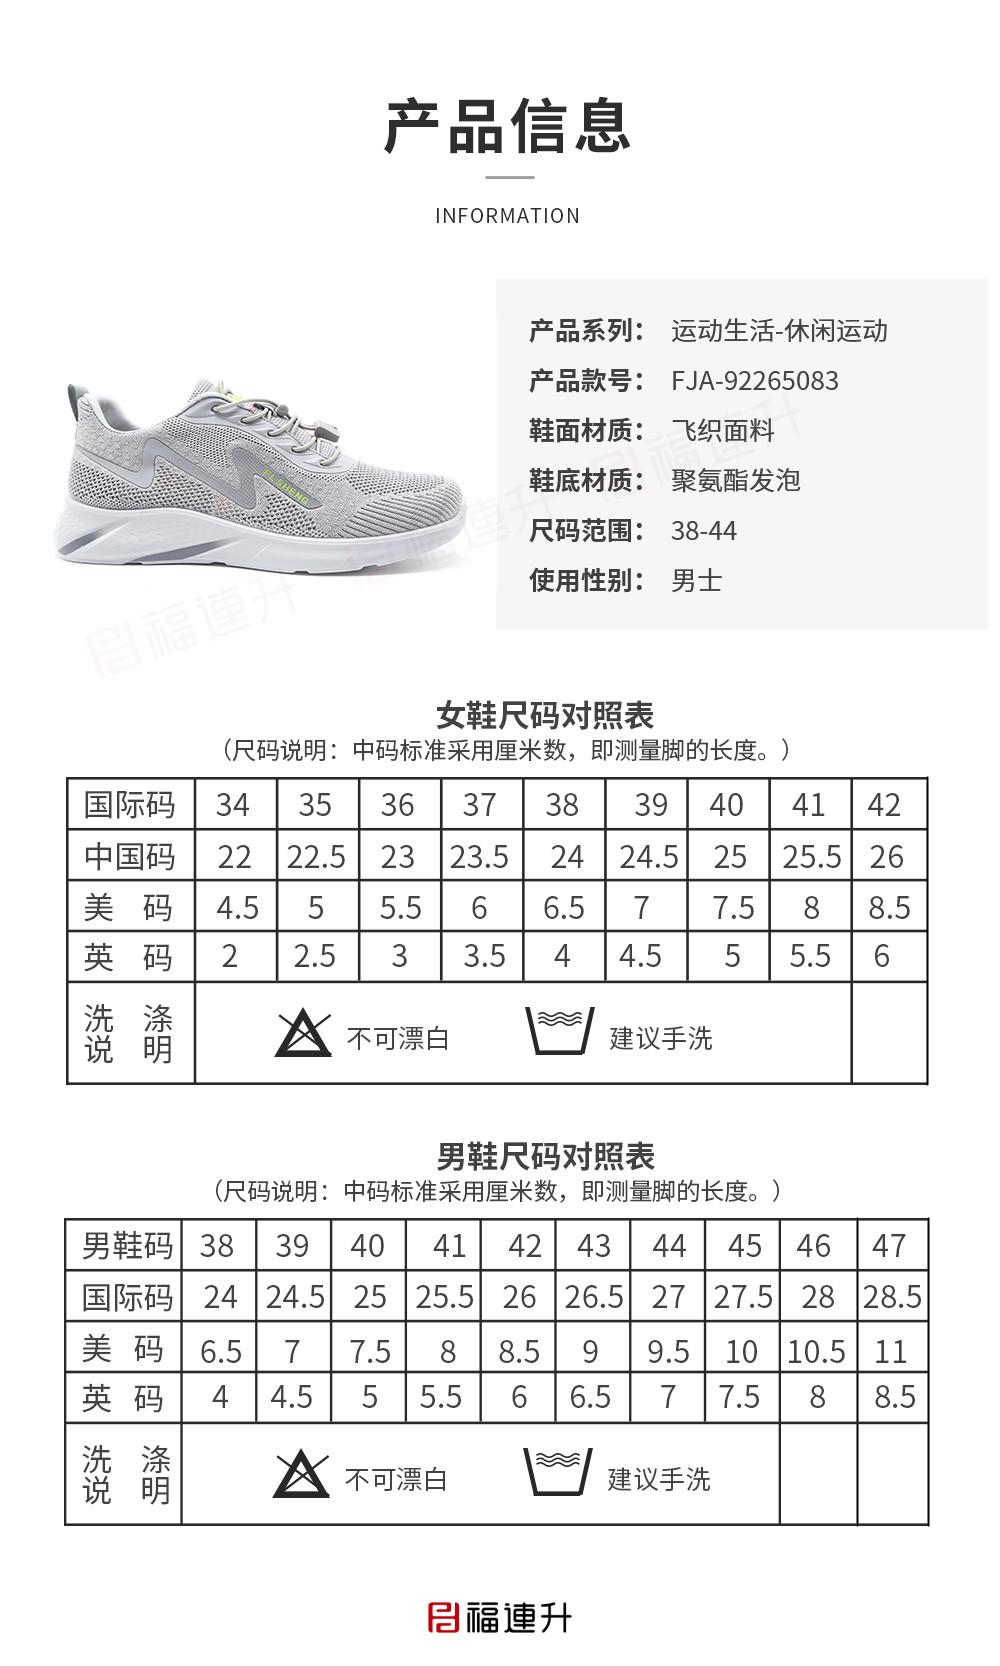 福连升夏季休闲运动飞织透气网布漫步男鞋软底健步鞋图片